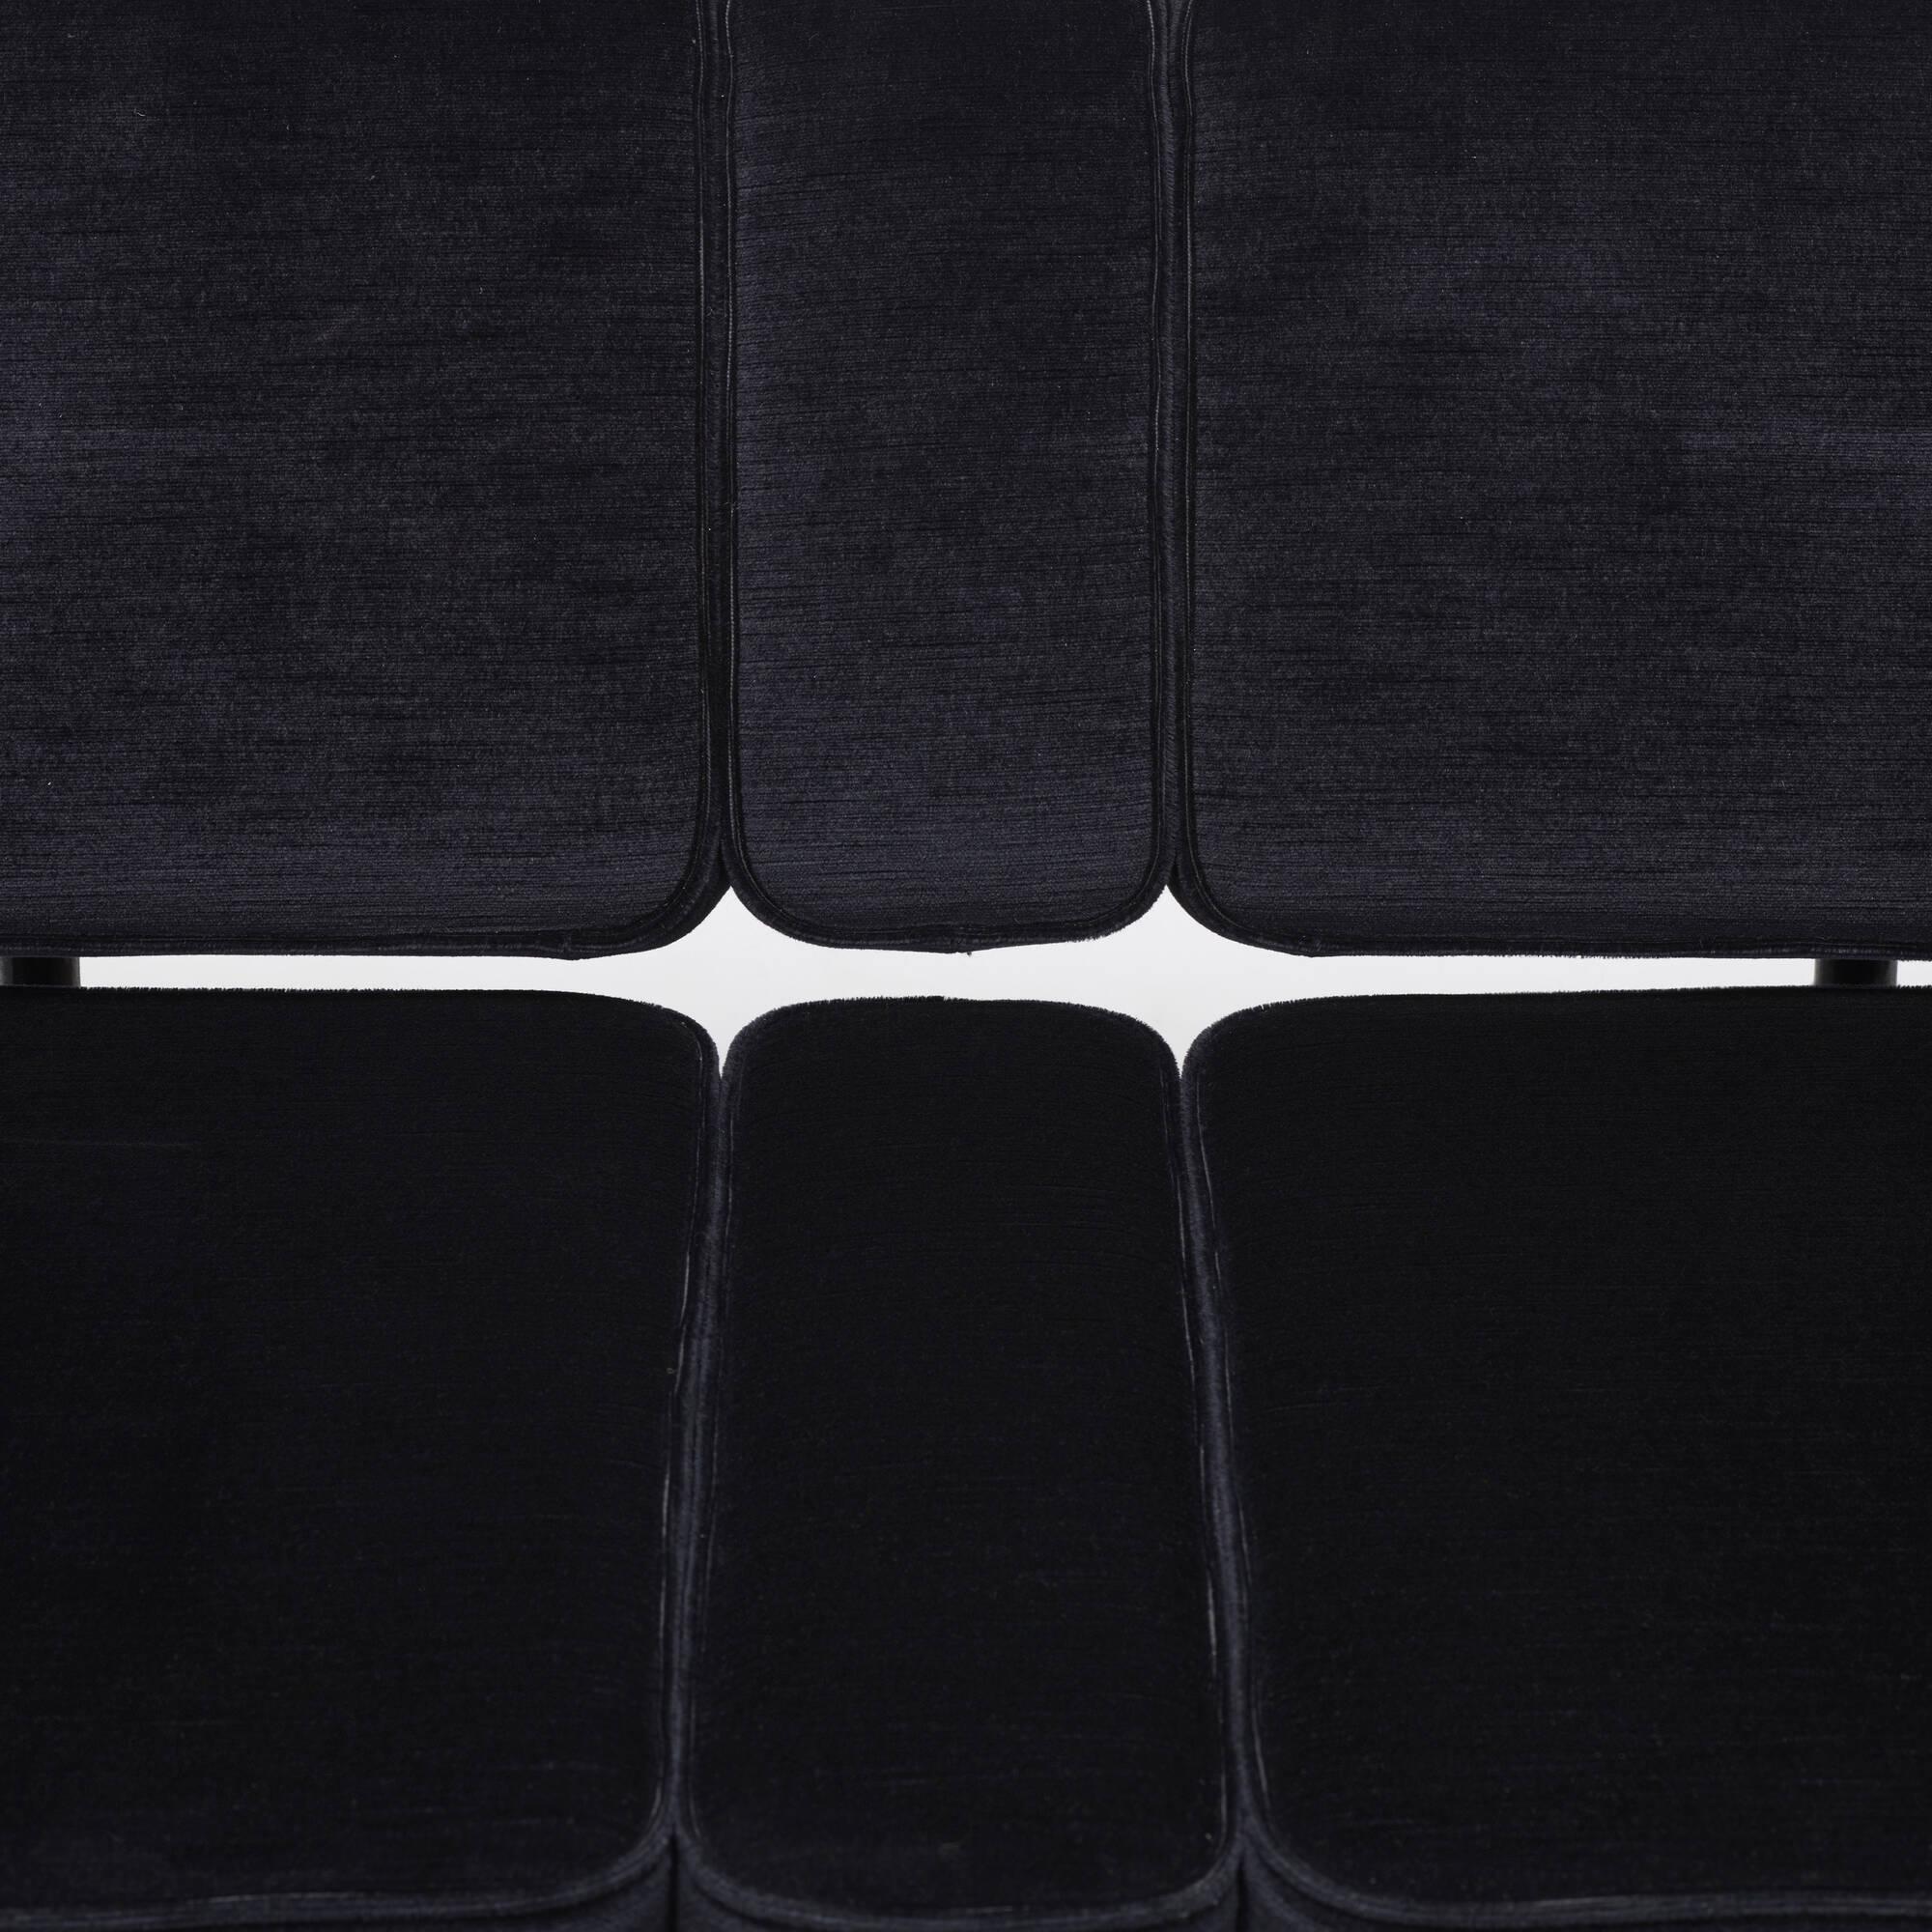 137: Atelier Van Lieshout / Bad Club Sofa (3 of 3)